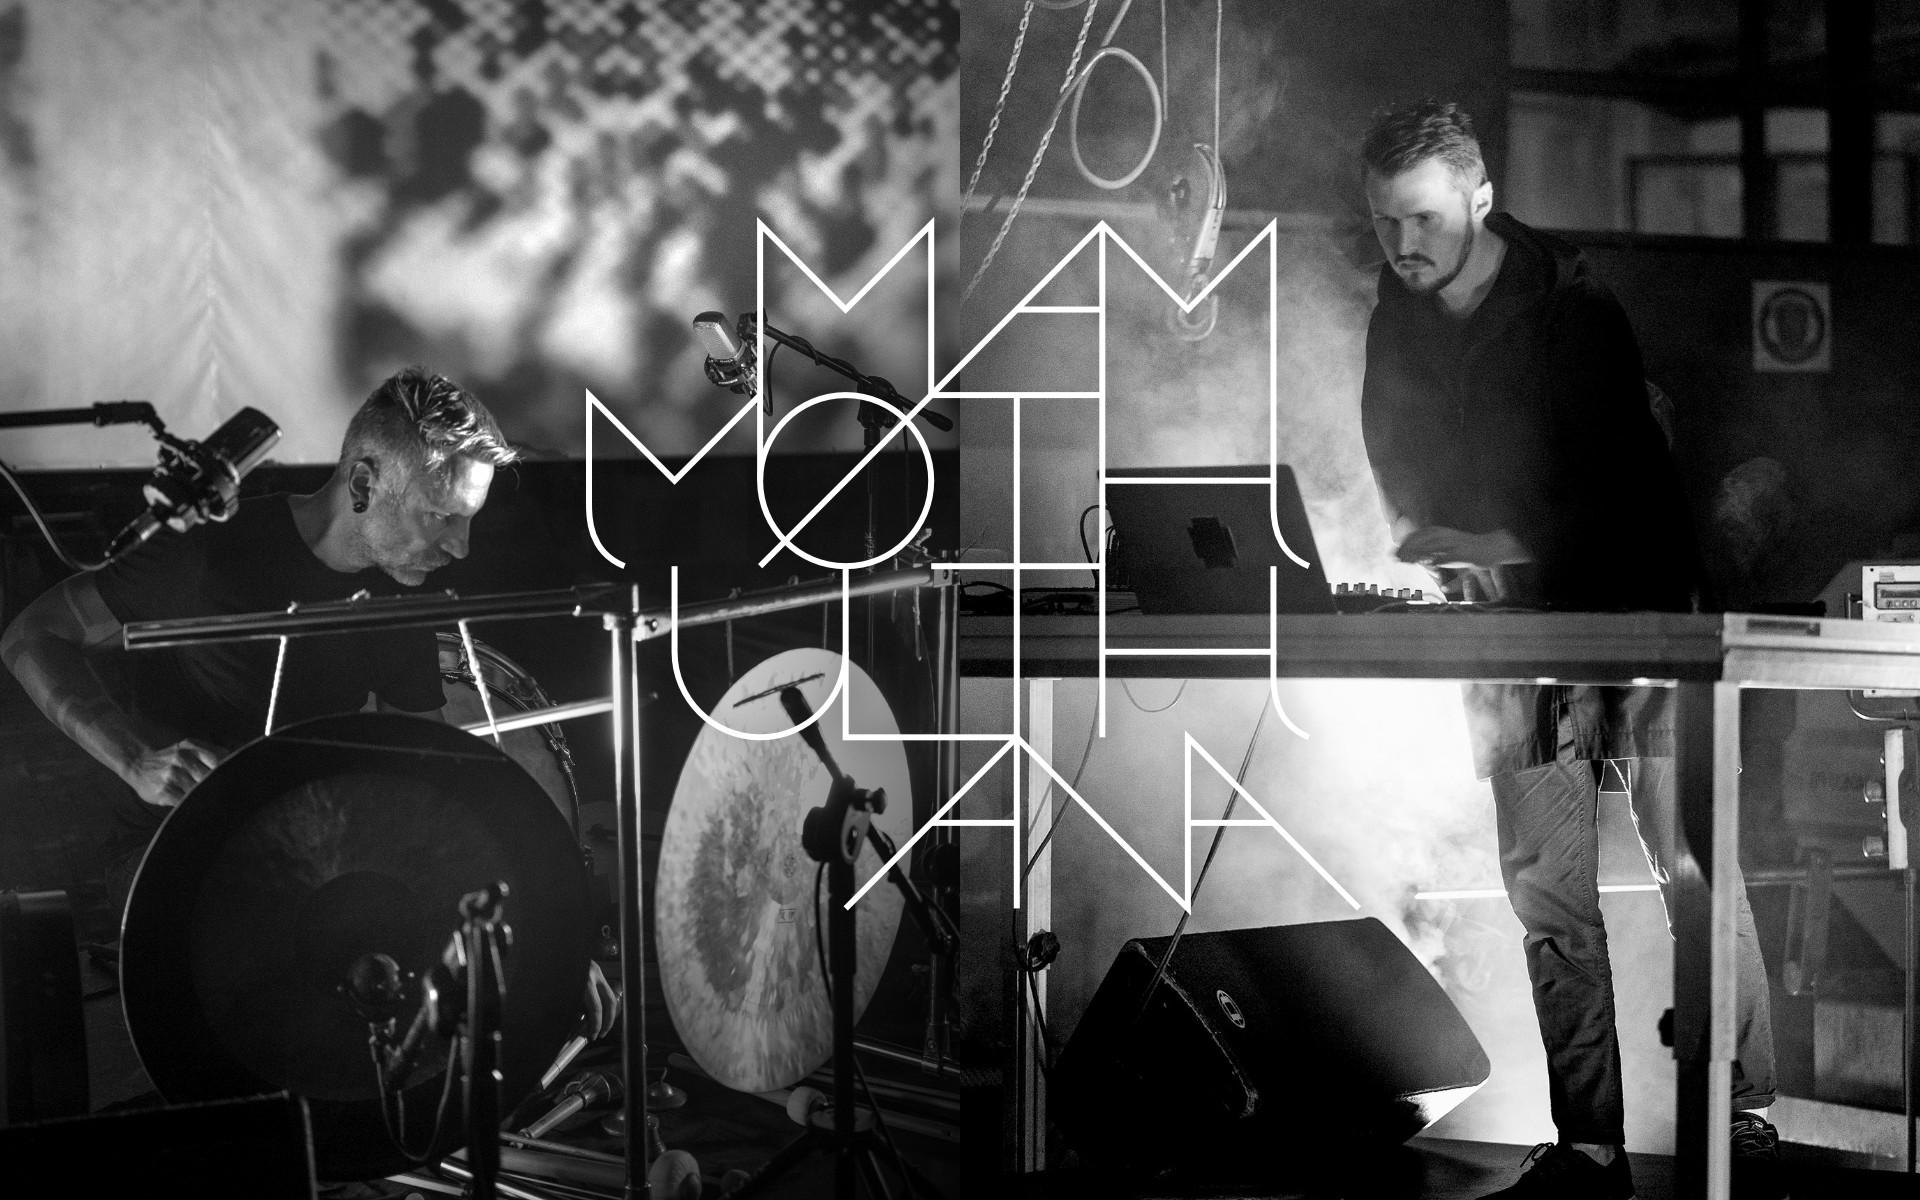 Mammoth Ulthana – Jacek Doroszenko and Rafał Kołacki, live at FOD